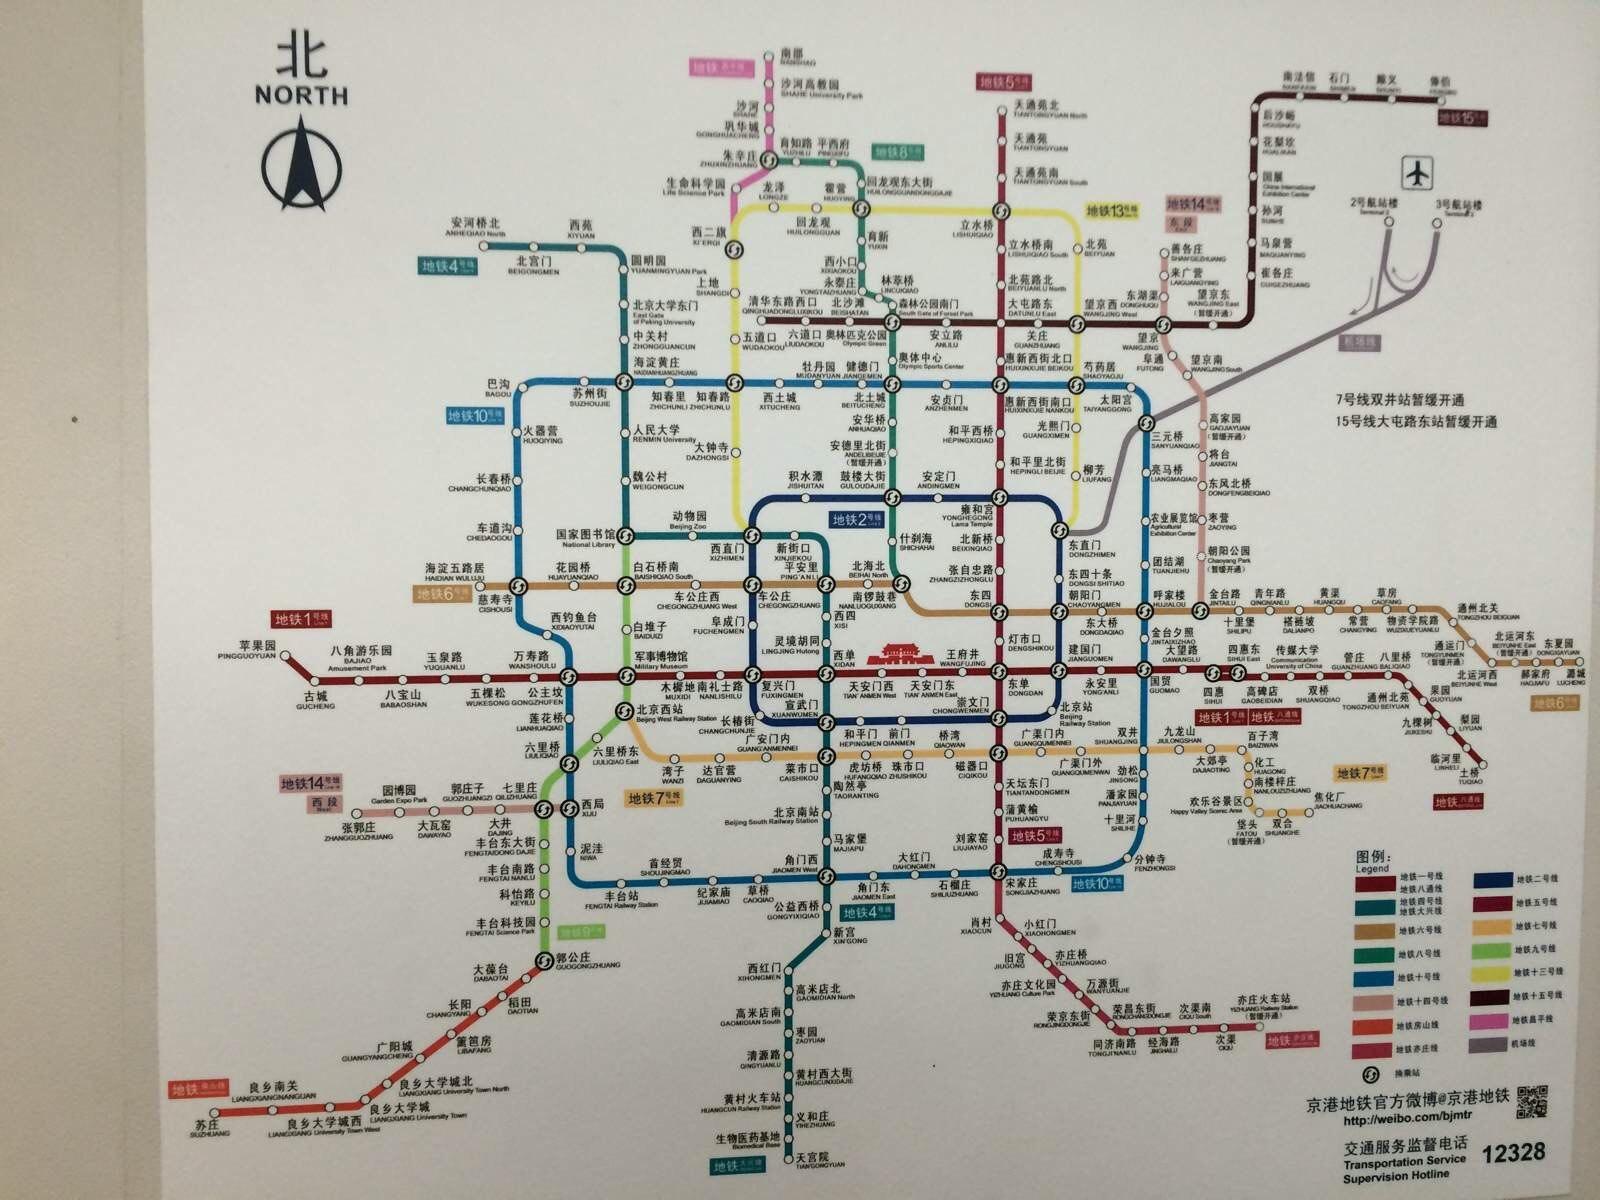 北京地�_信息中心 北京地铁图   北京地铁3号线线路图您好,欢迎使用360地图